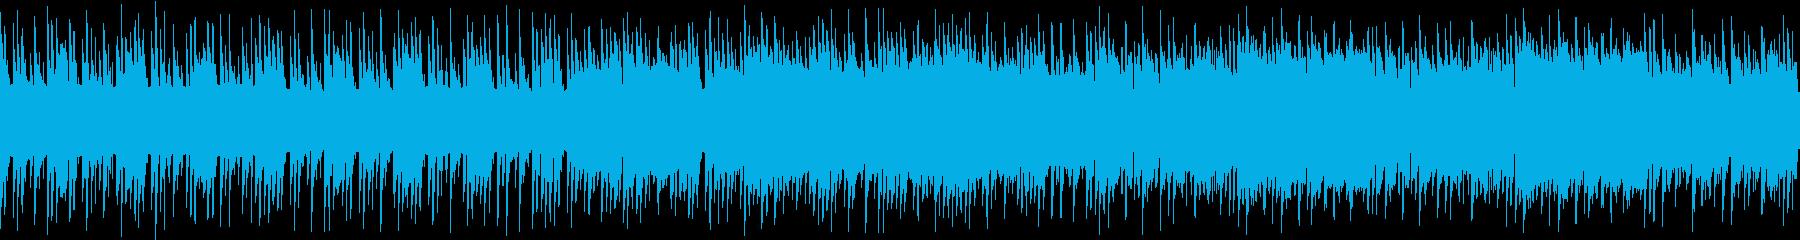 ループ・レトロゲーム風・重い空気のBGMの再生済みの波形